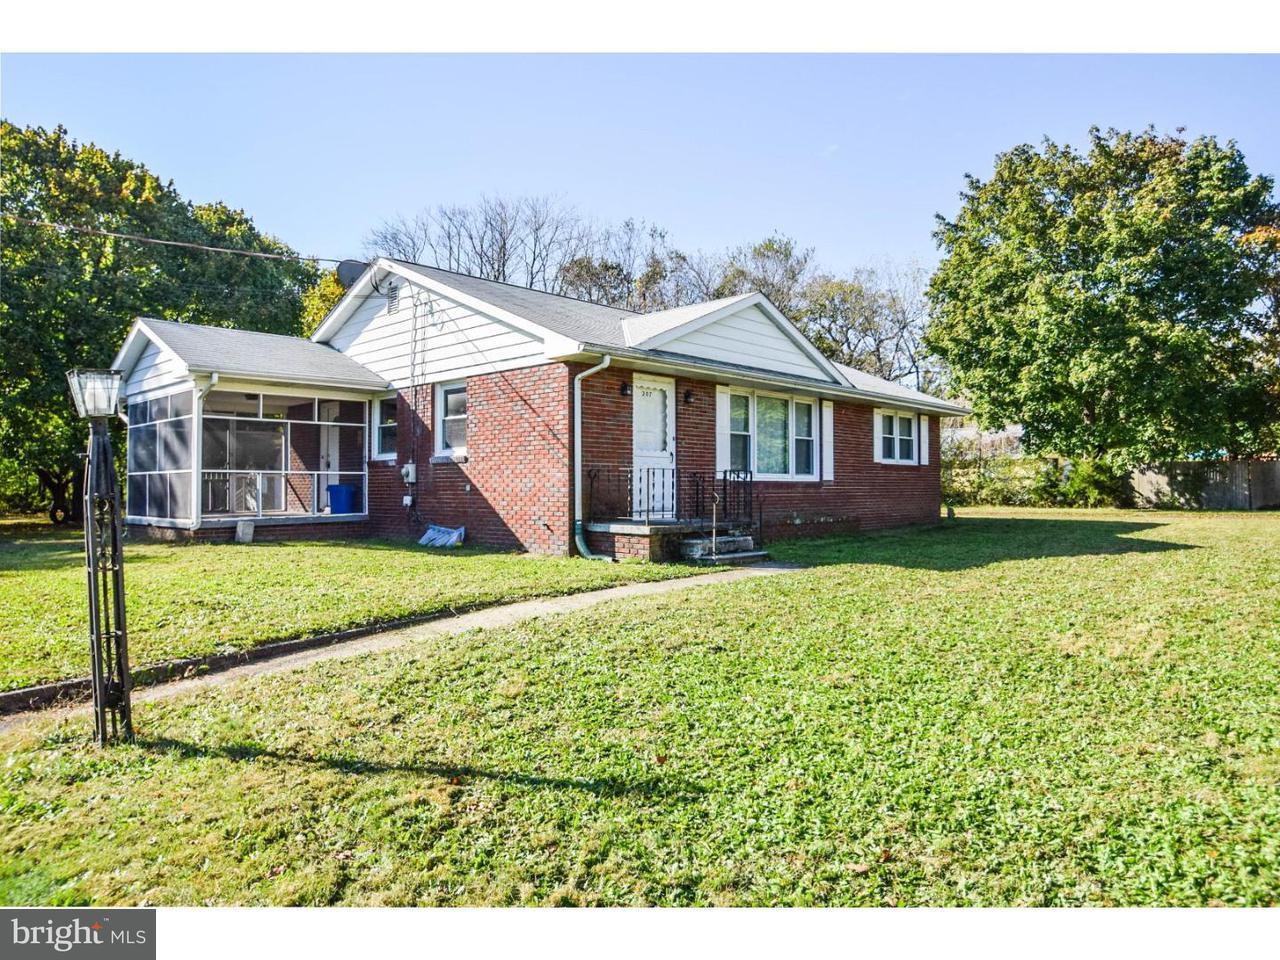 独户住宅 为 销售 在 207 E PACIFIC Avenue Minotola, 新泽西州 08341 美国